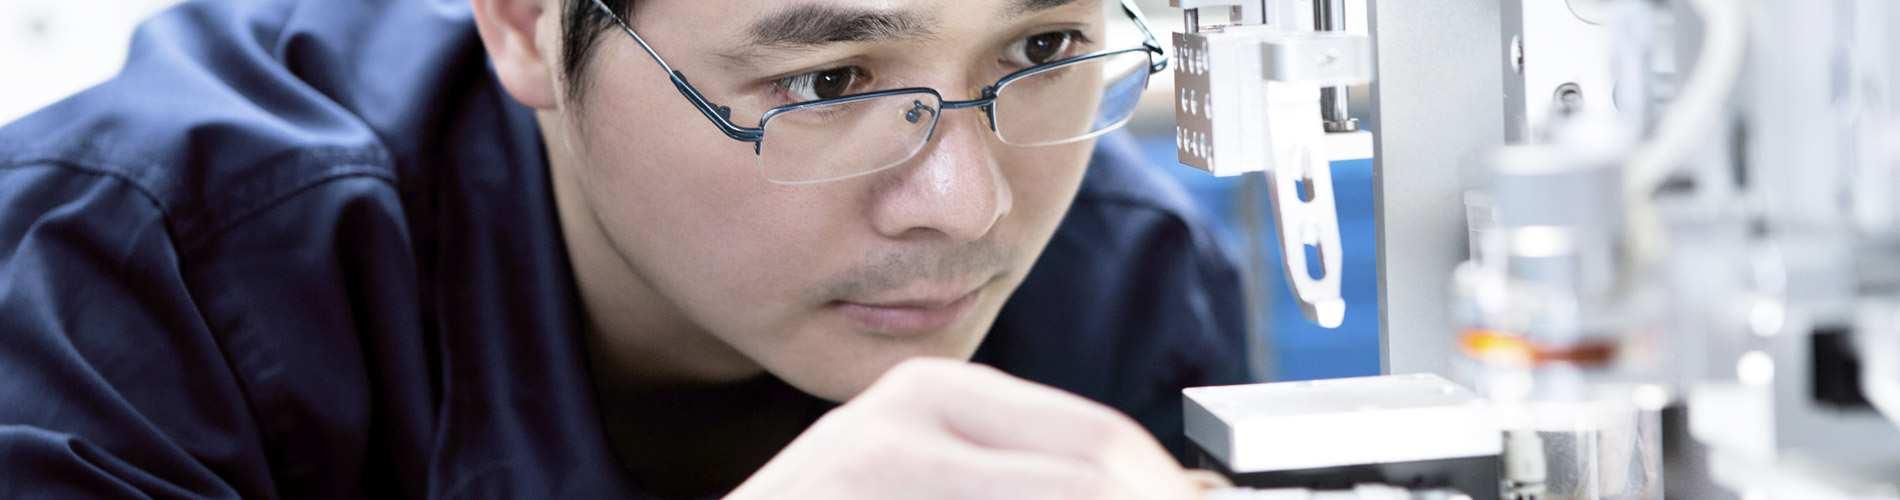 Male technician working in factory.